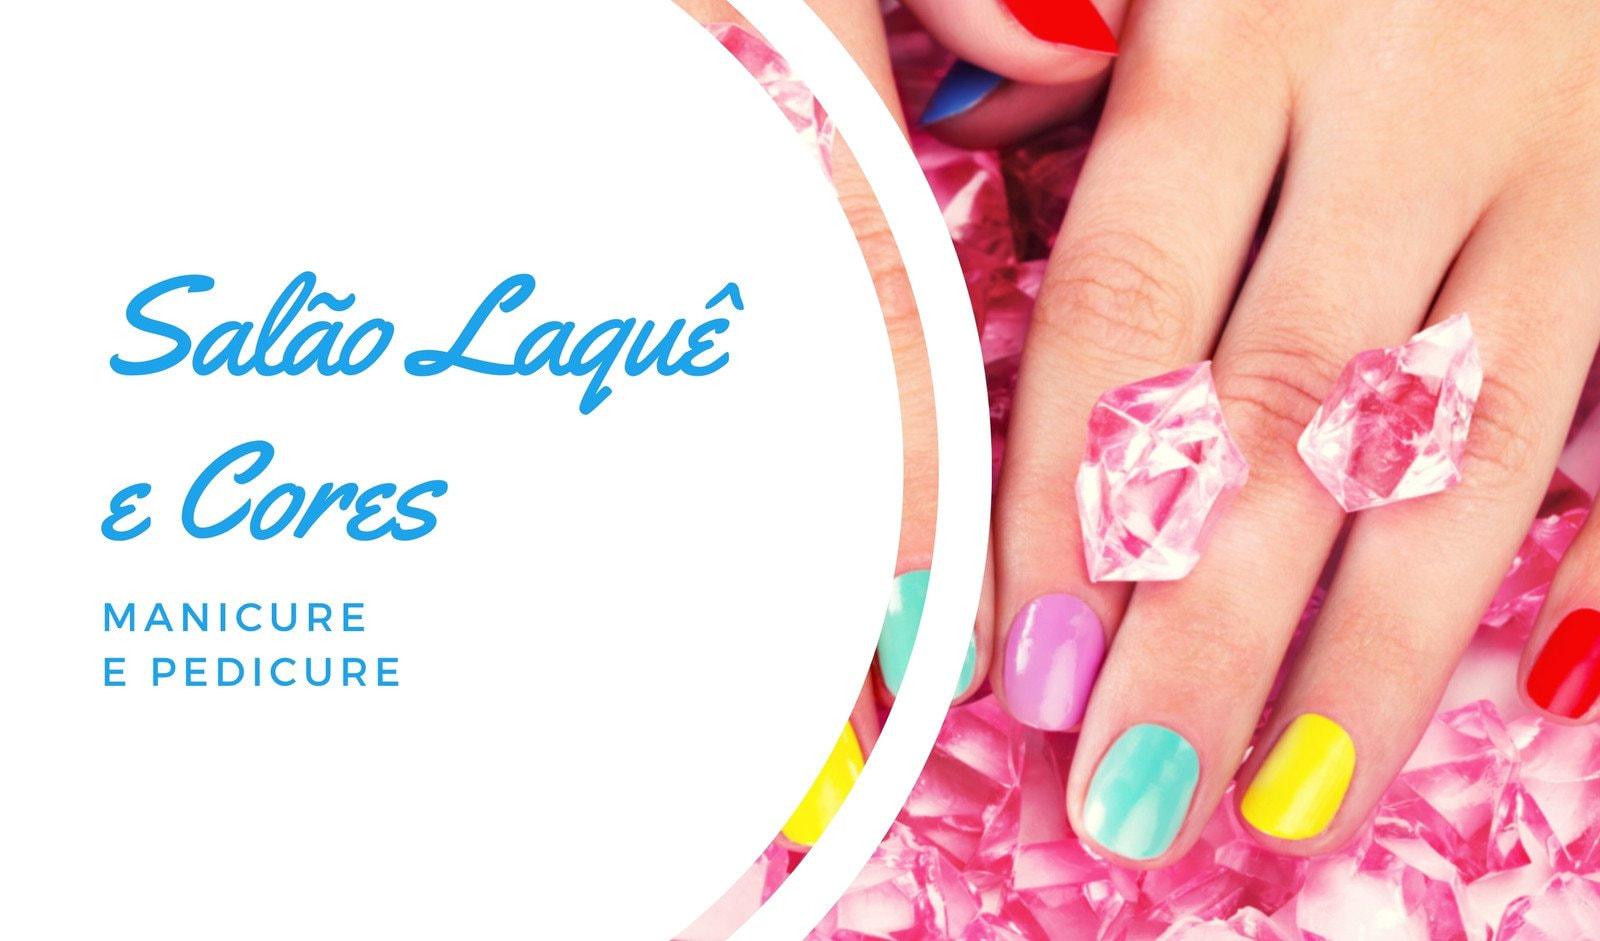 Simples Azul Cartão de Visita de Manicure